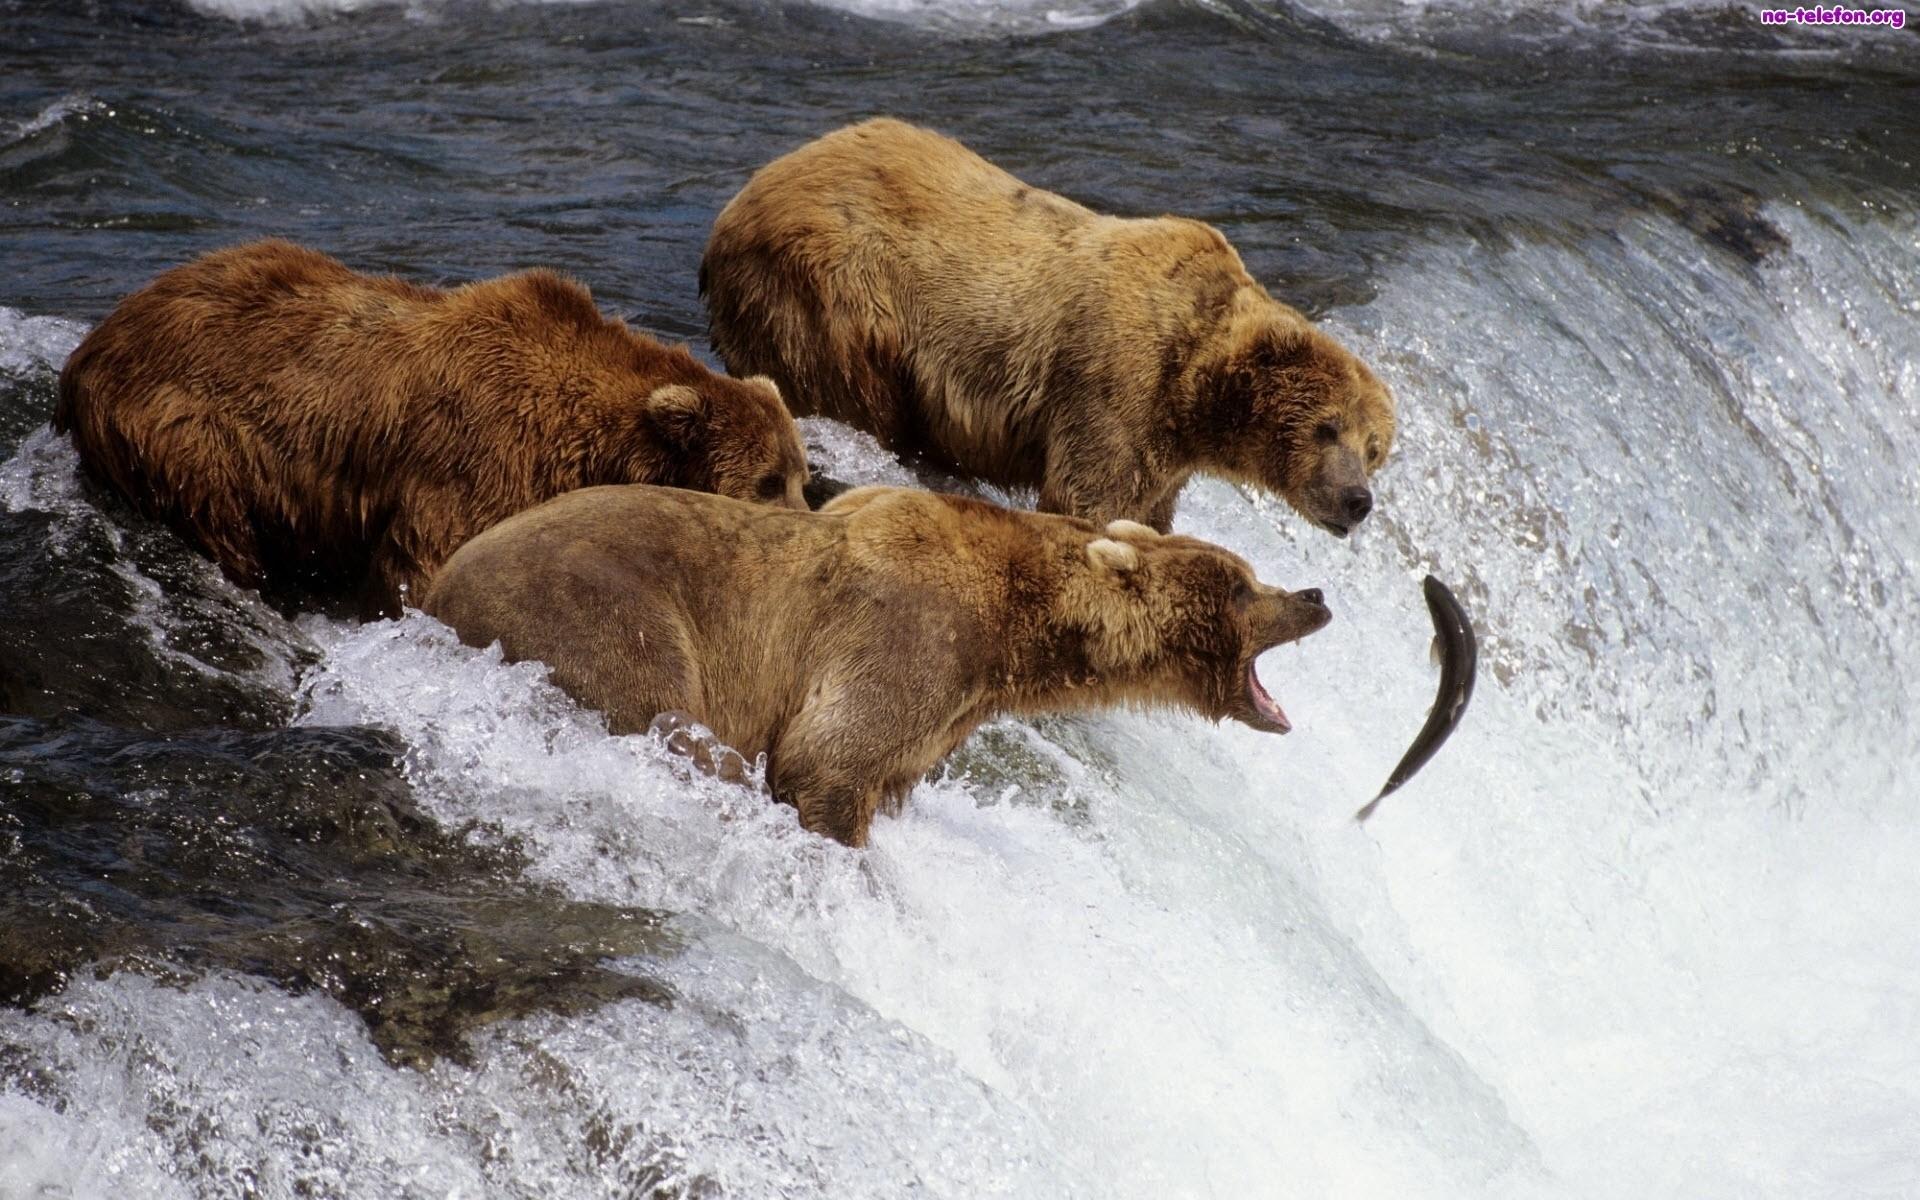 niedzwiedzie-polowanie-ryba-rzeka